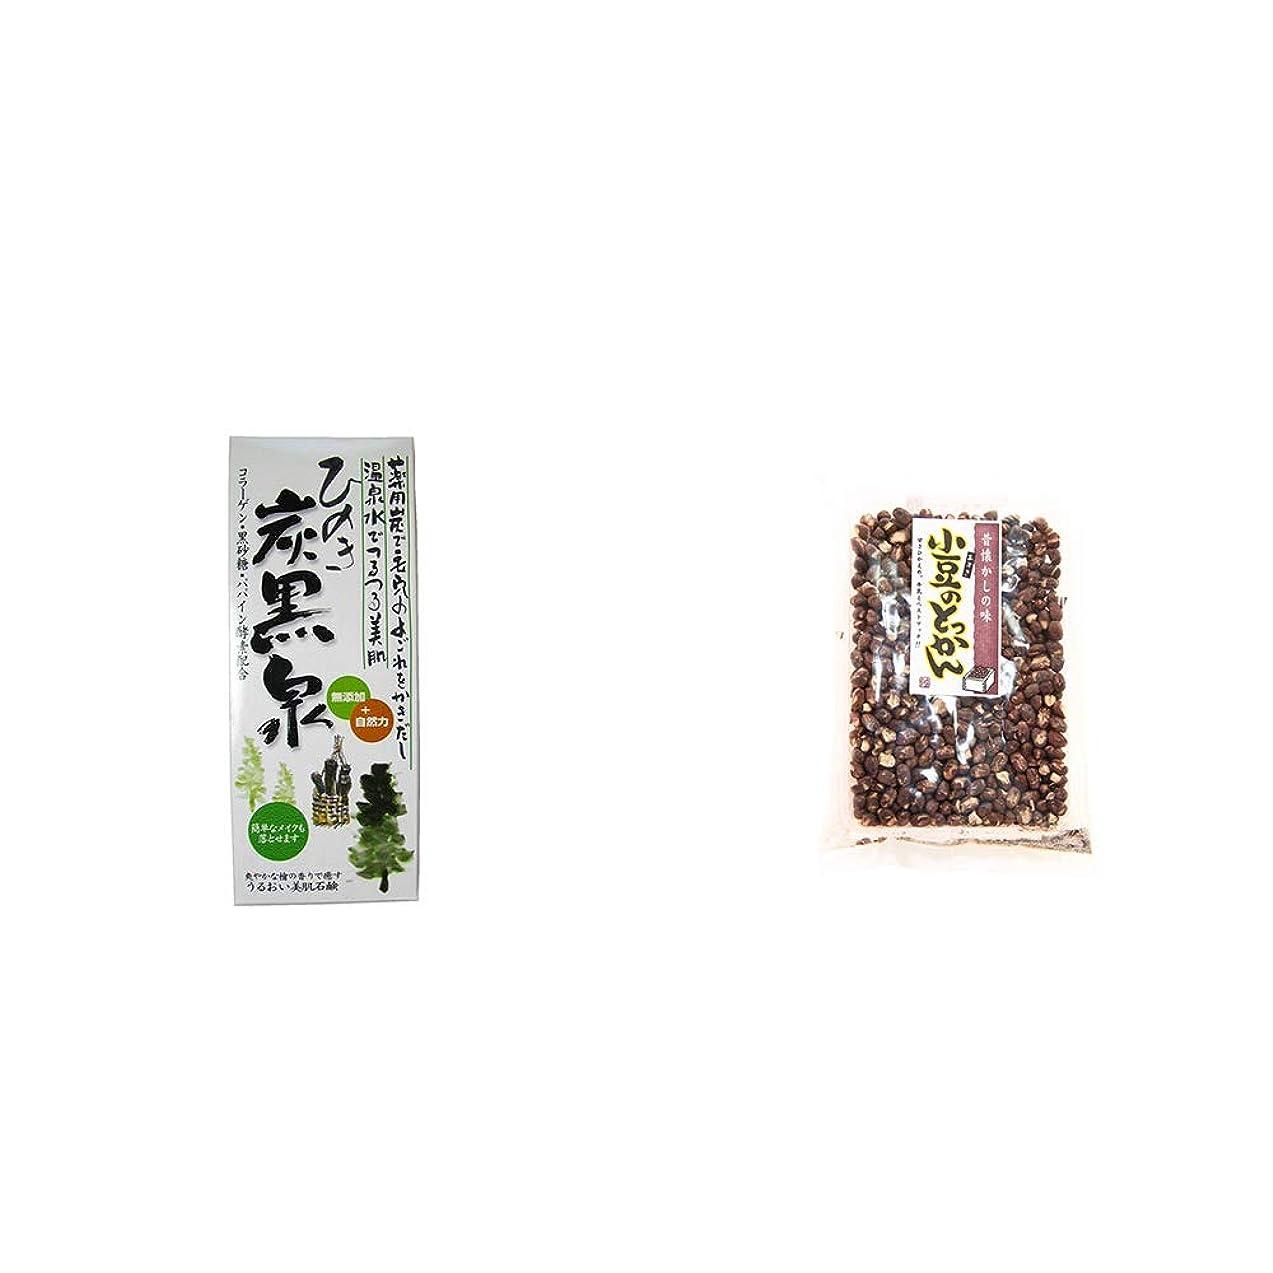 分散ソート協定[2点セット] ひのき炭黒泉 箱入り(75g×3)?小豆のとっかん(150g)